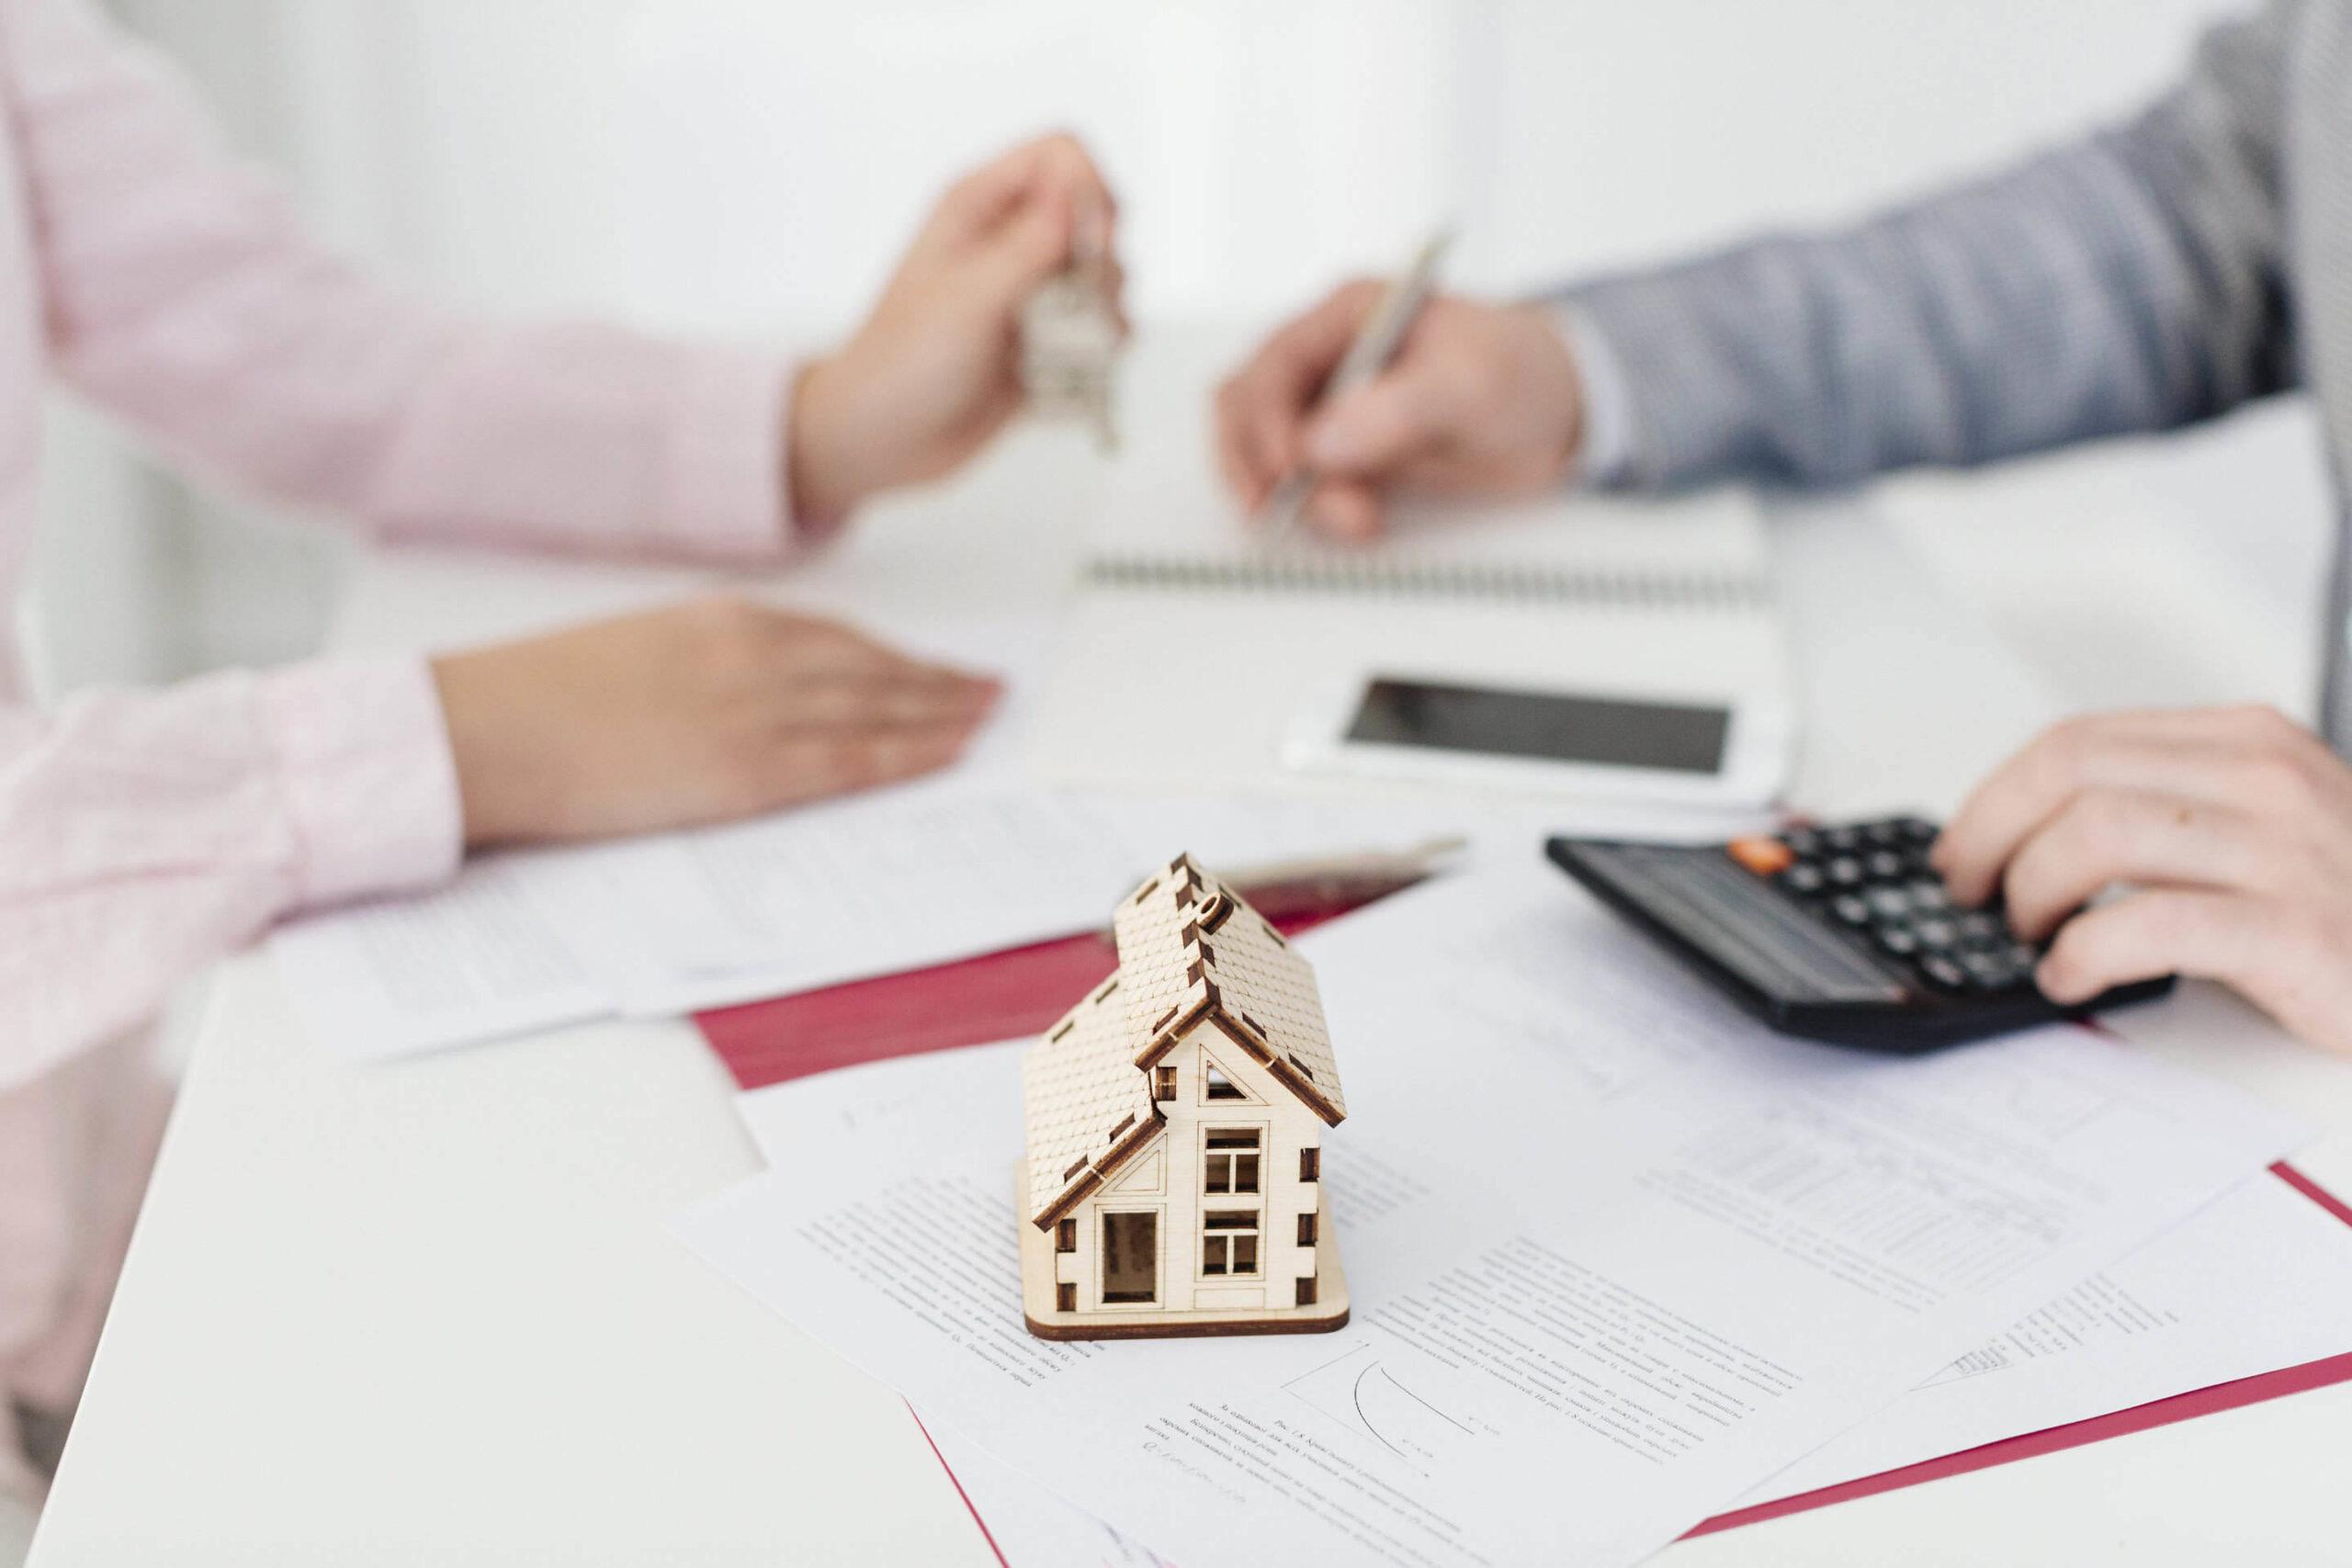 Kui palju maksab kinnisvaramaakleri teenus?